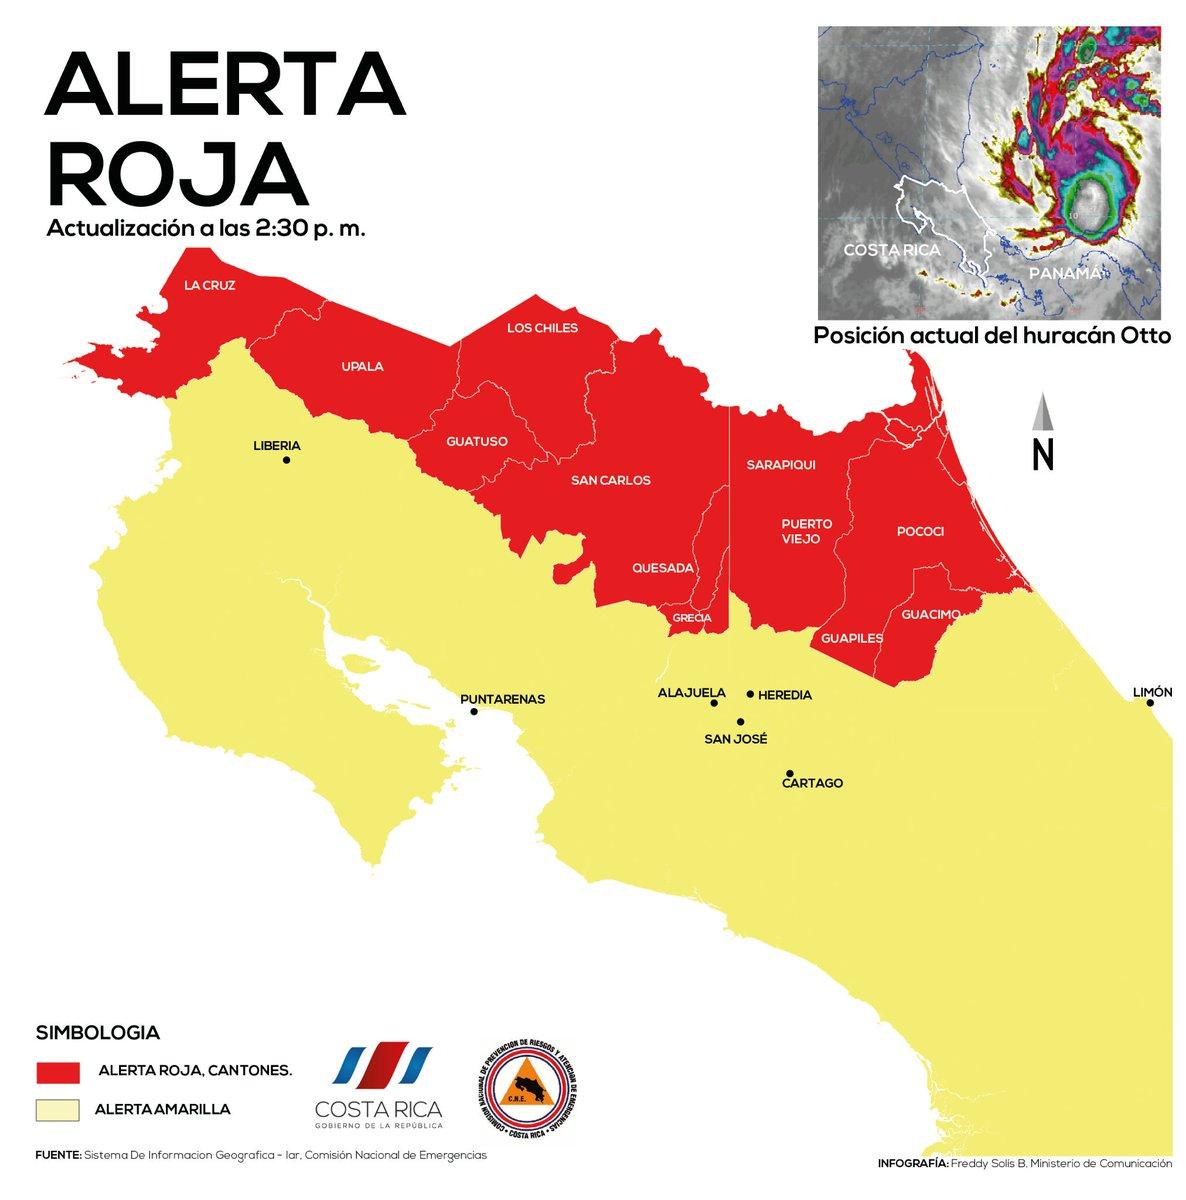 ALERTA ROJA EN COSTA RICA POR HURACAN OTTO